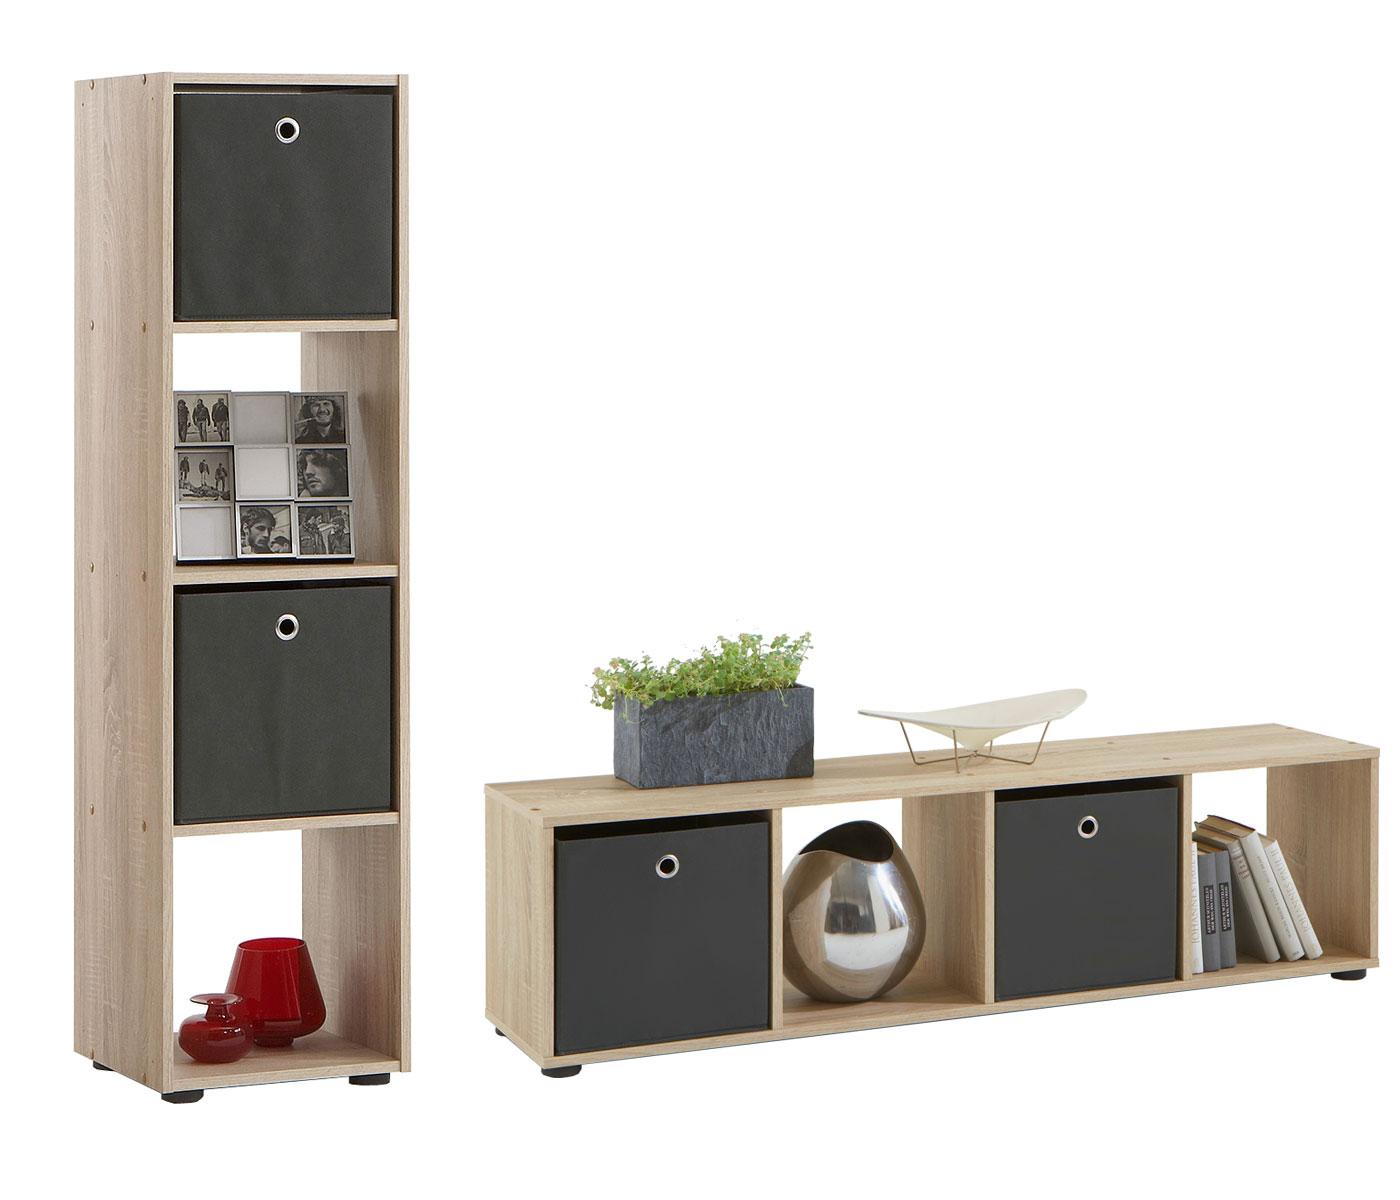 raumteiler mega b cherregal stufenregal regal 4 9 f cher faltboxen anthrazit ebay. Black Bedroom Furniture Sets. Home Design Ideas